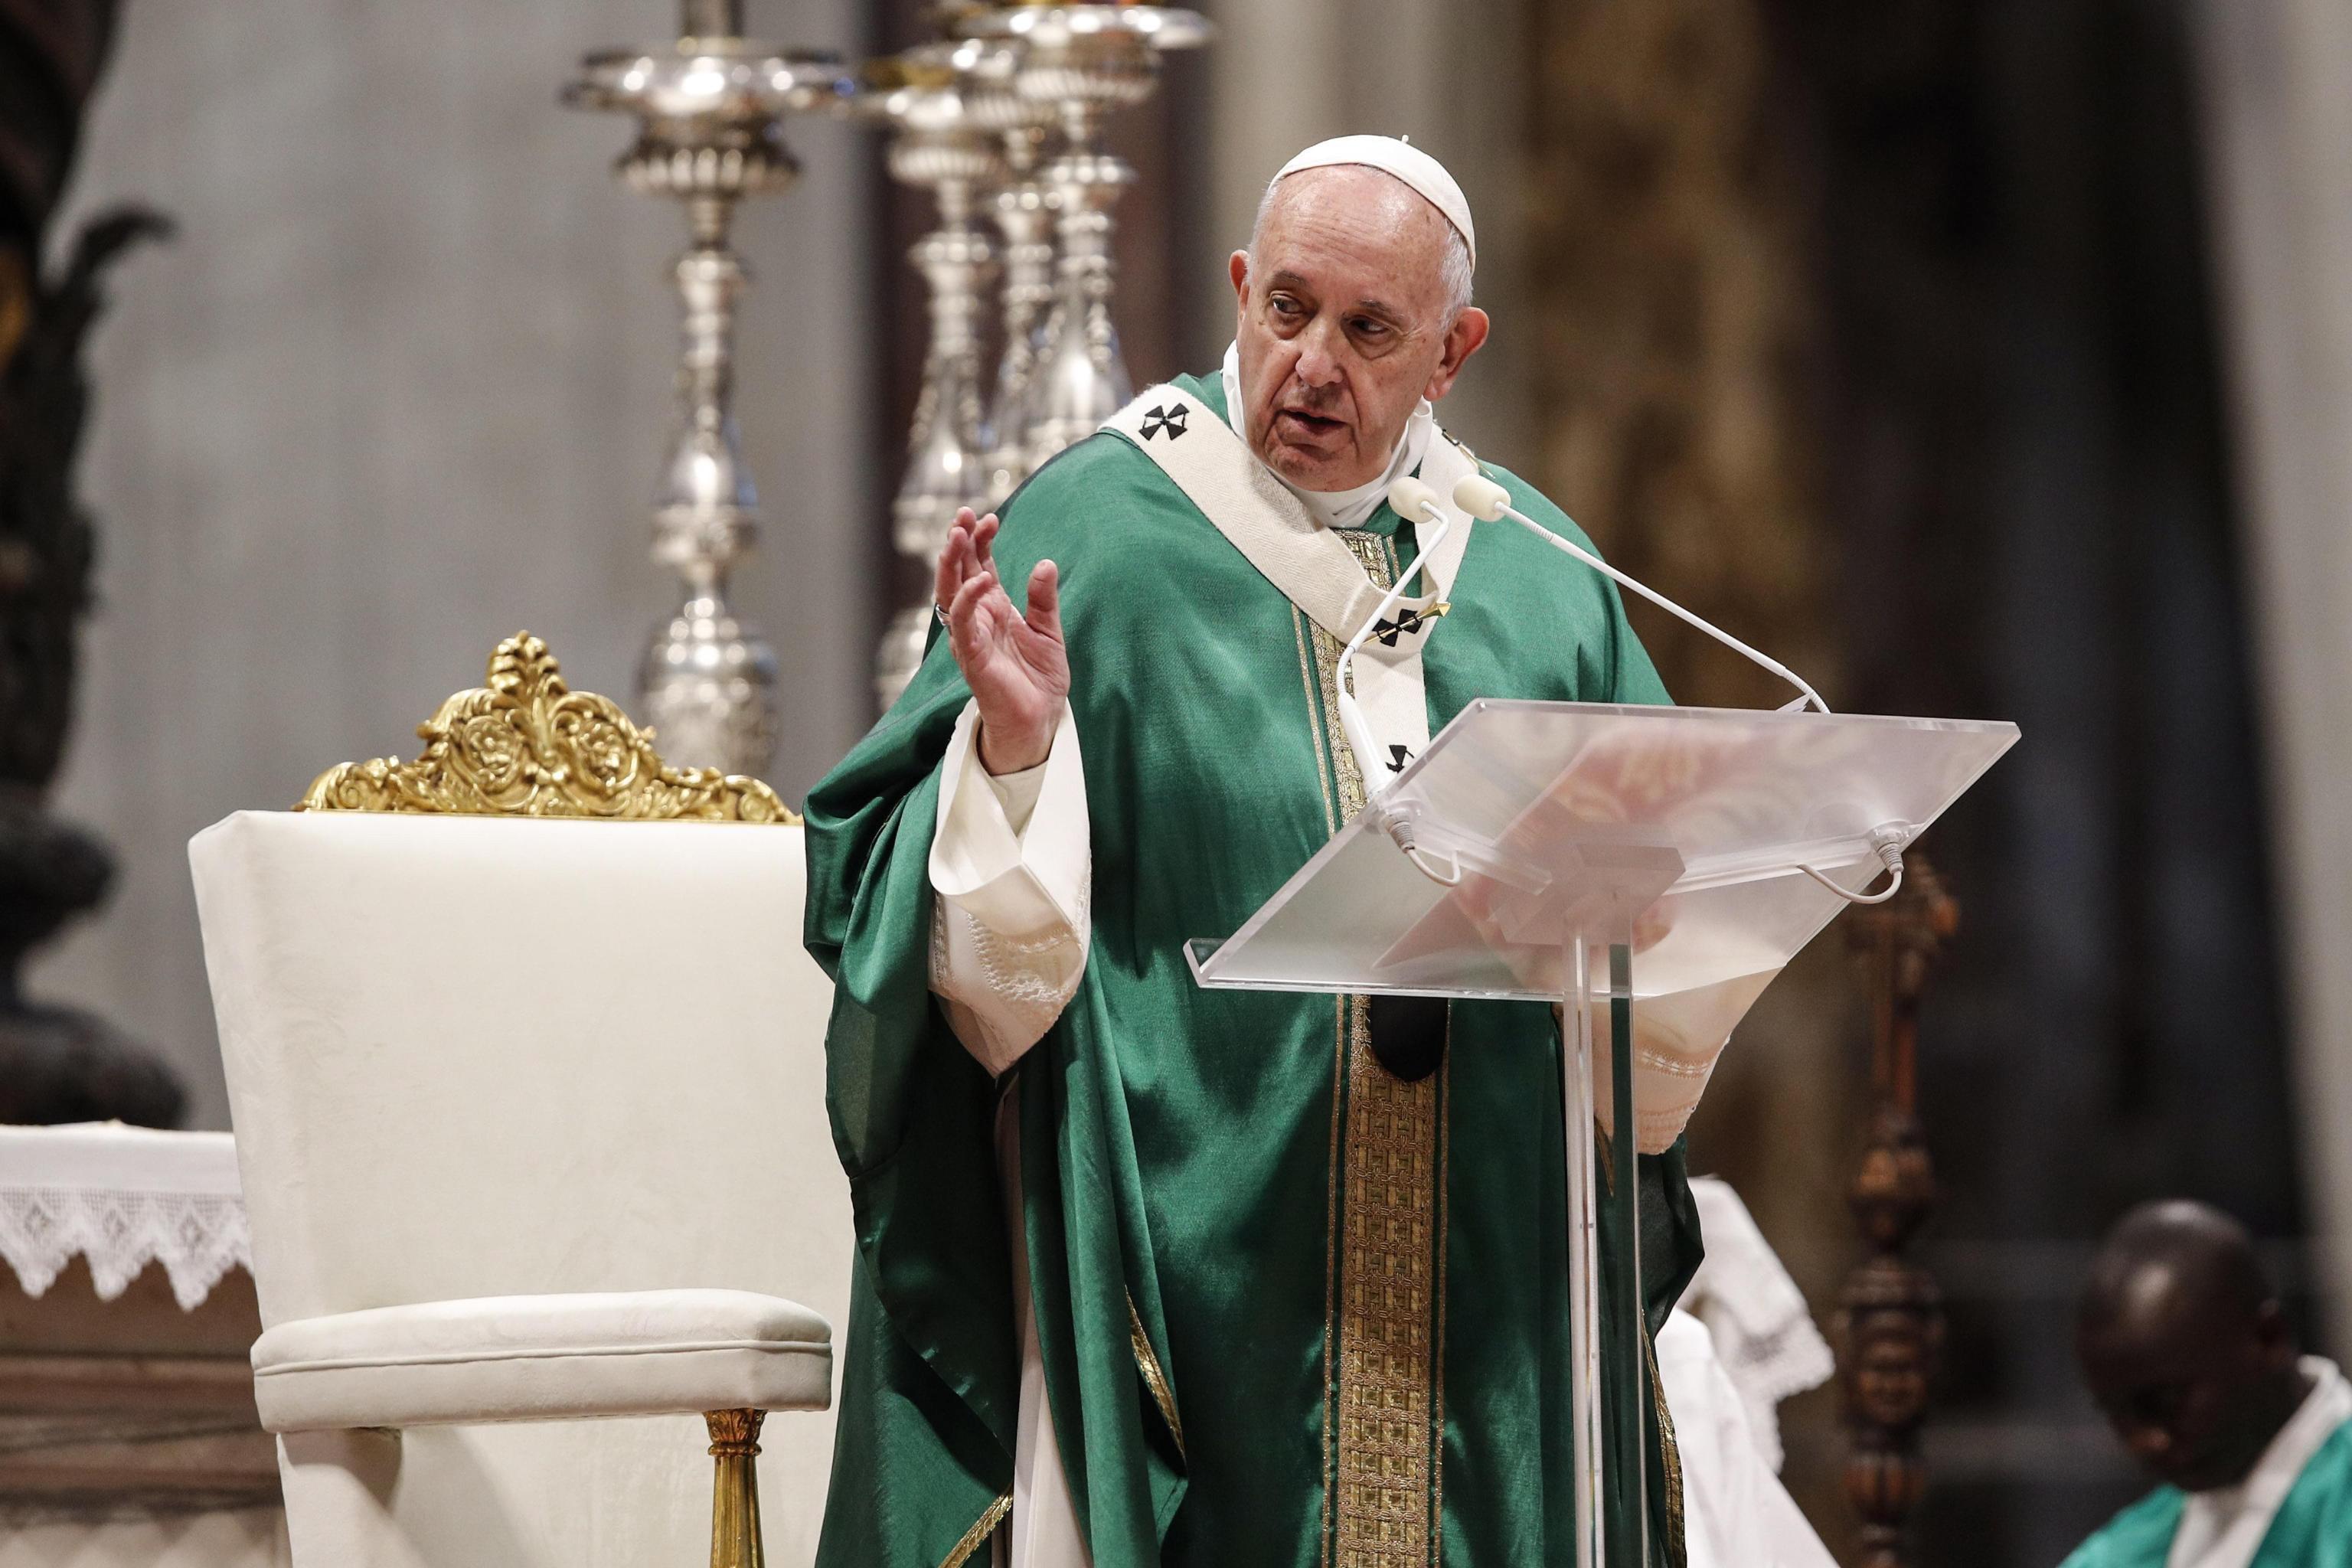 Papa Francisc anunță ce se va întâmpla cu arhivele secrete de la Vatican